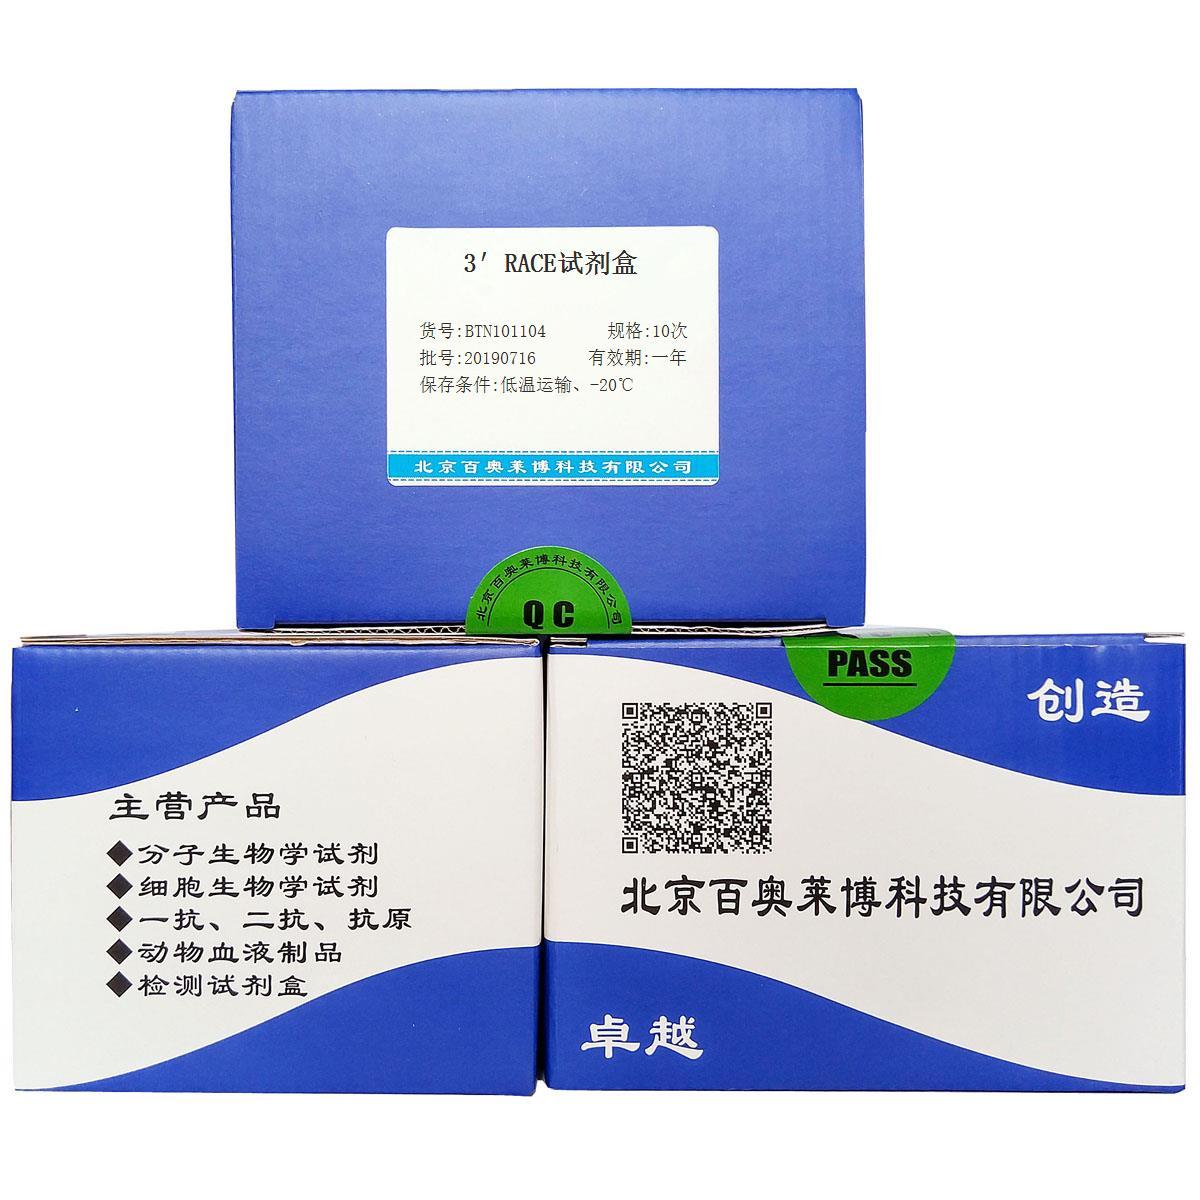 3′RACE试剂盒北京价格